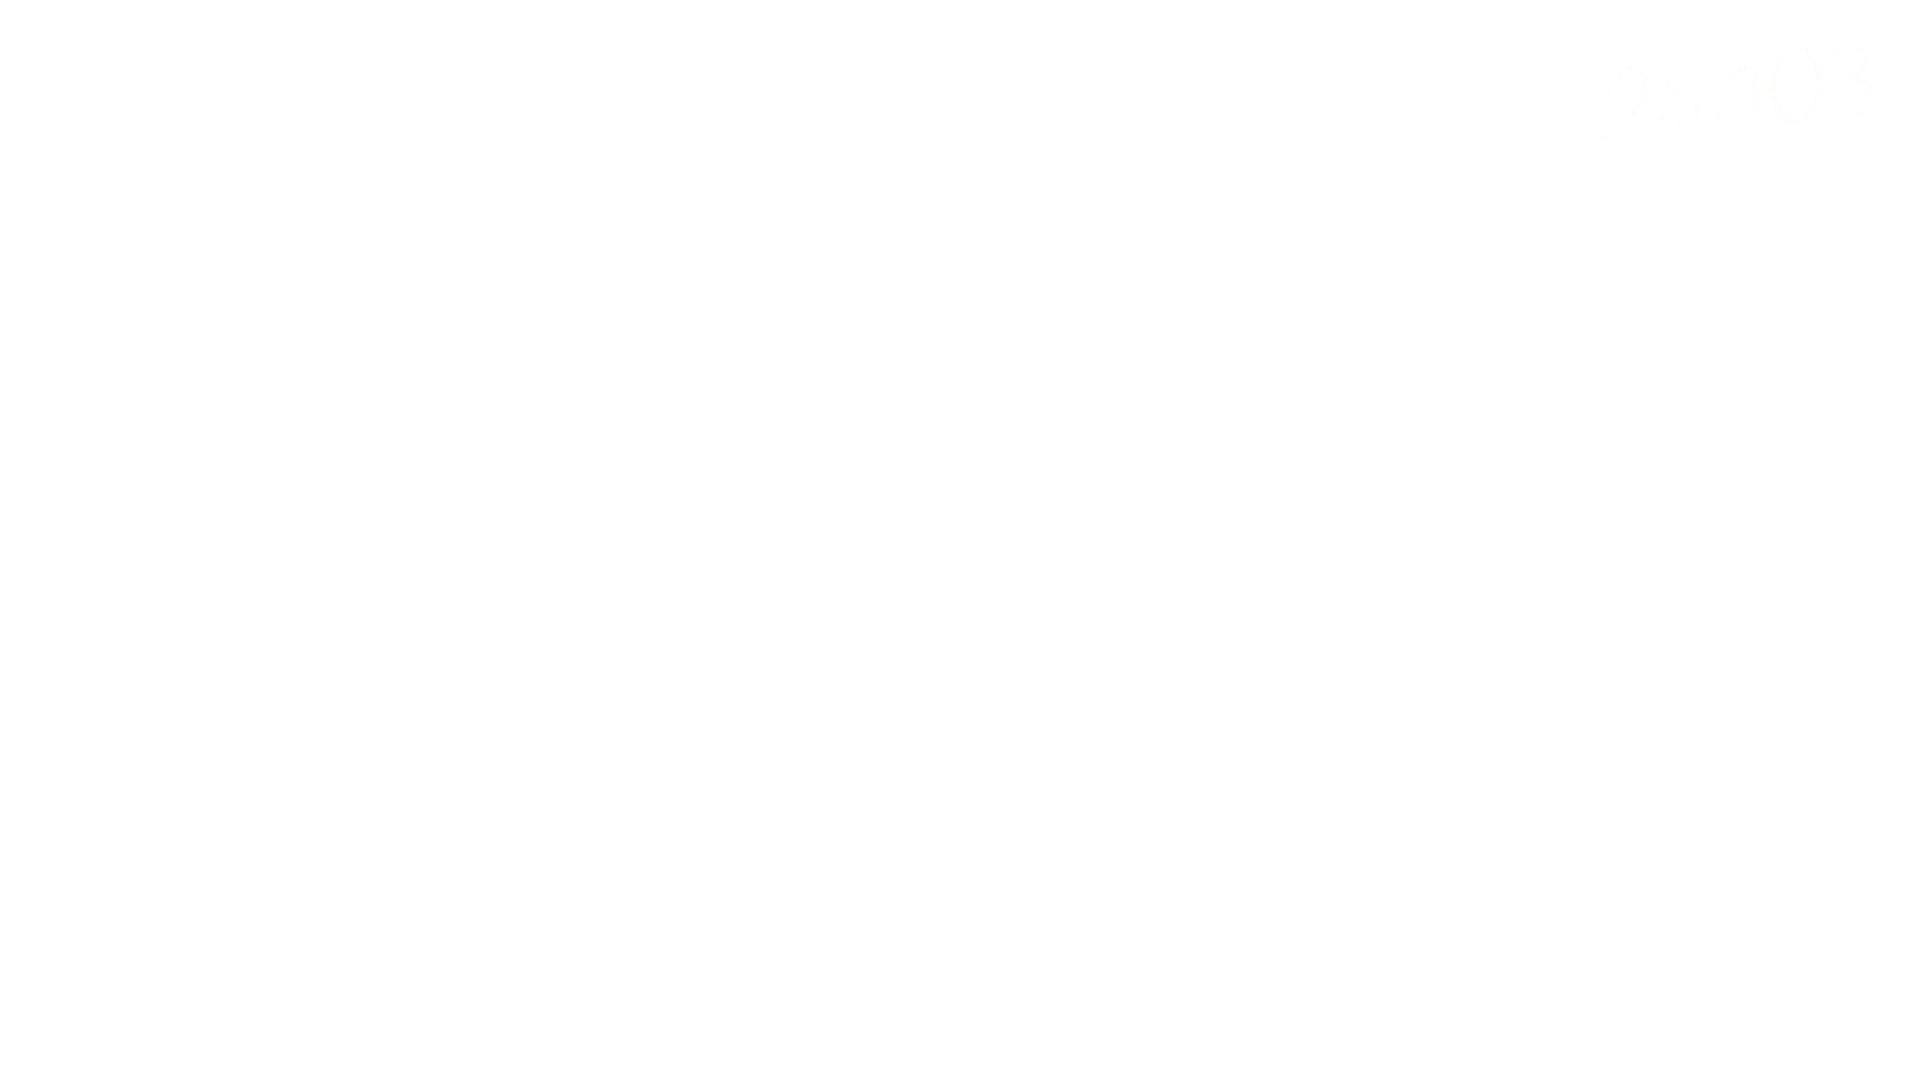 ▲復活限定▲ハイビジョン 盗神伝 Vol.3 期間限定  61pic 2